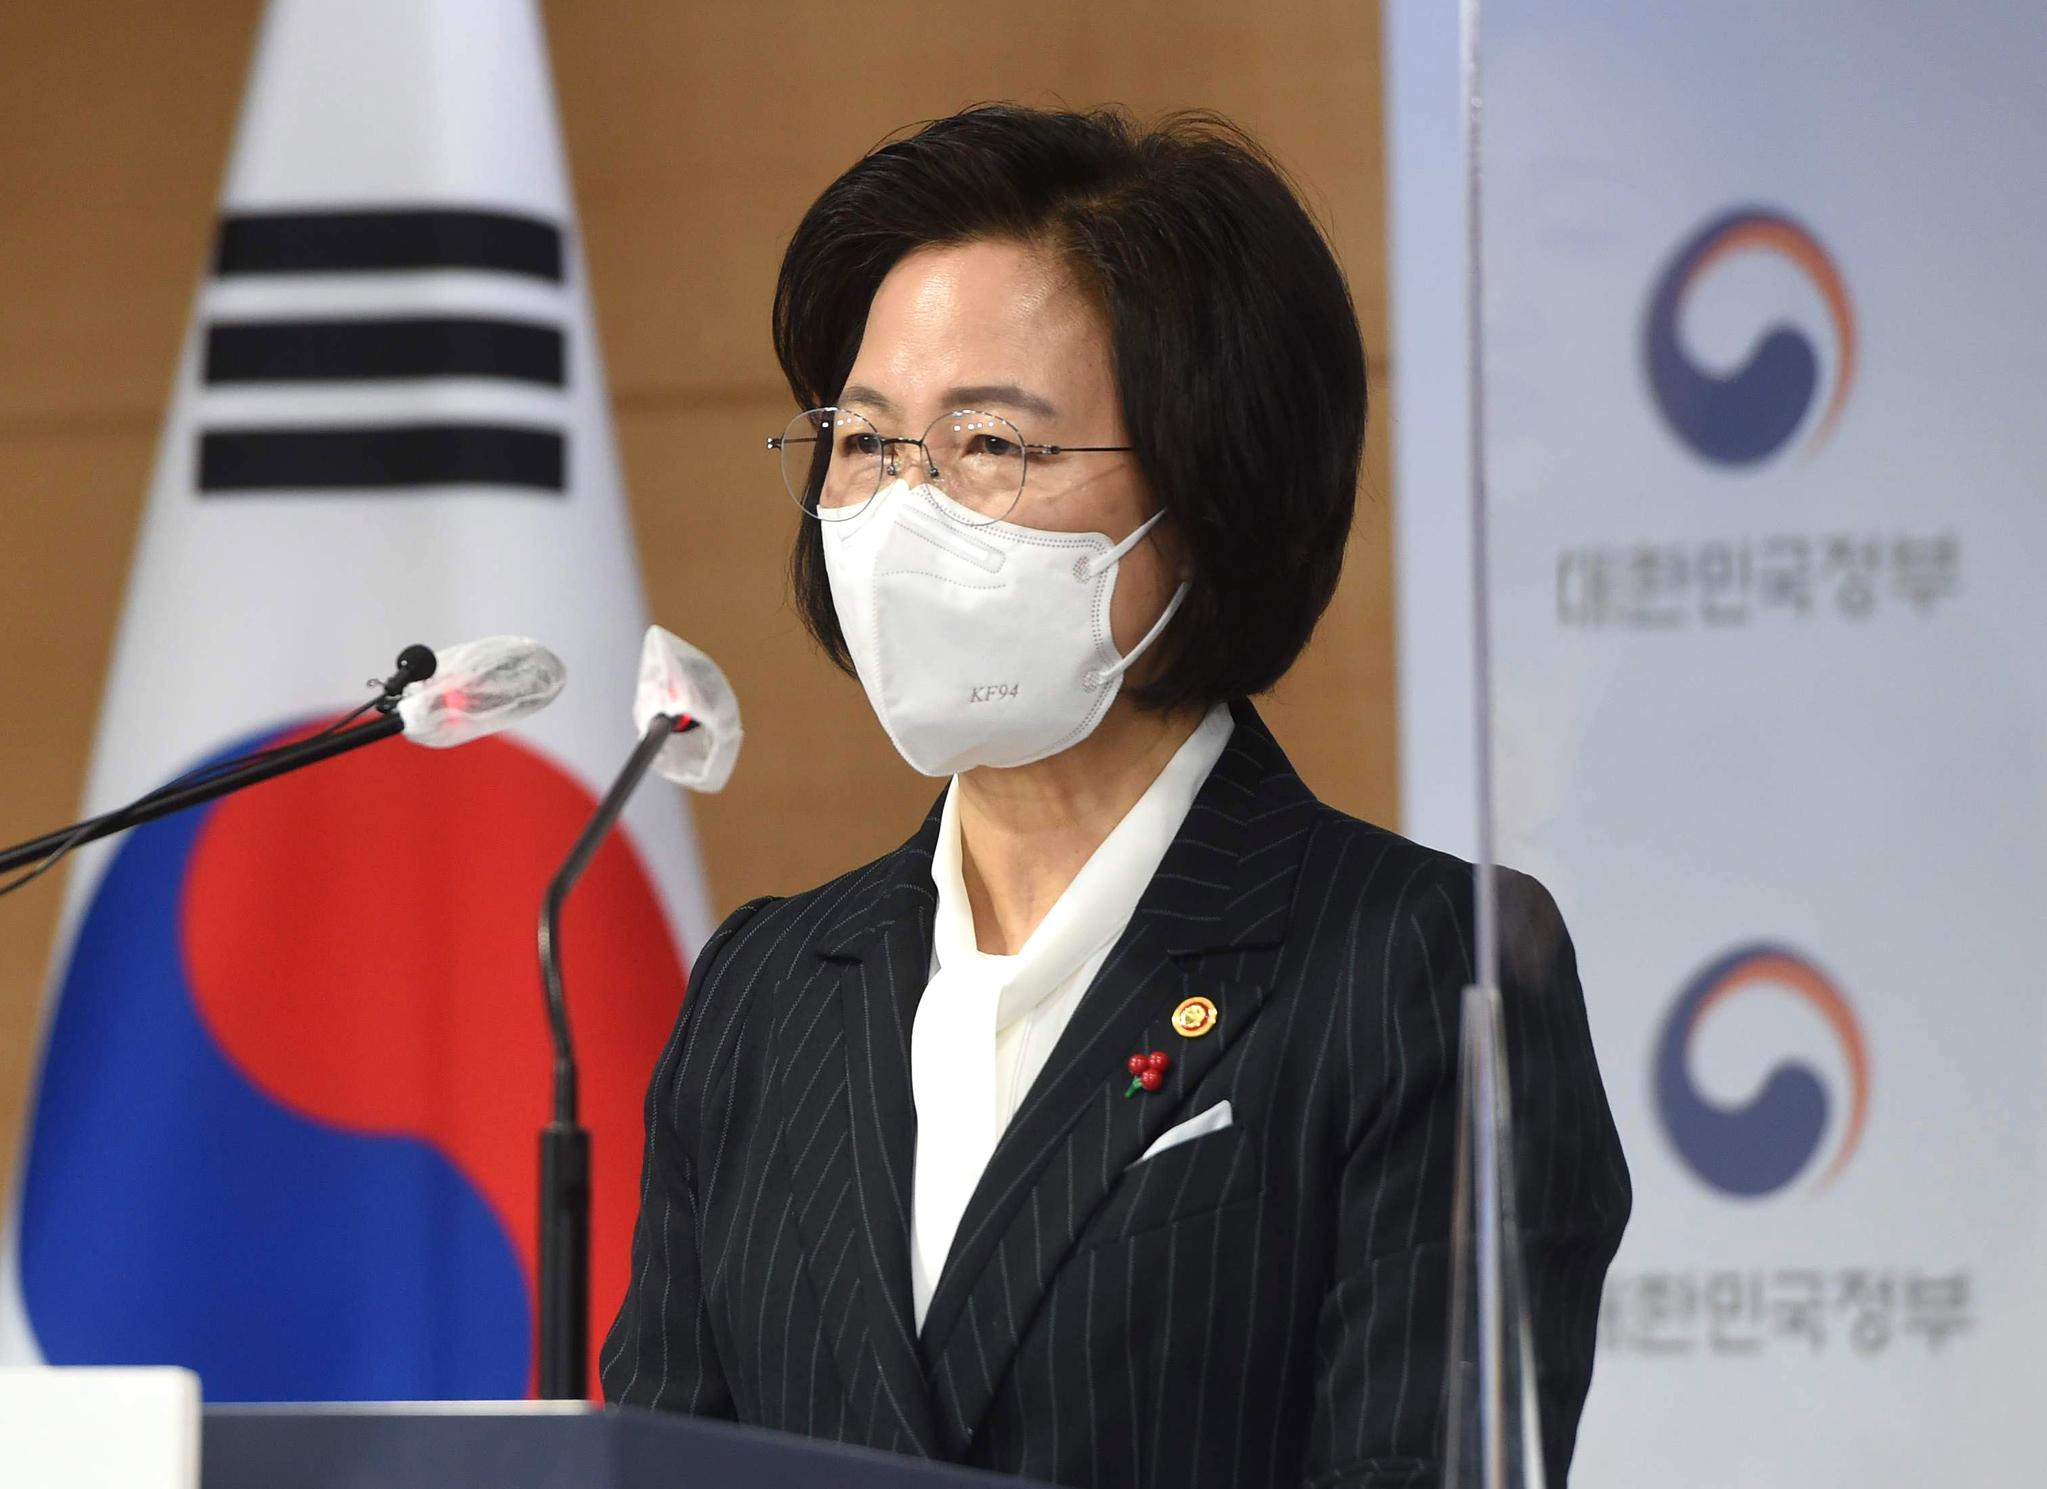 추미애 법무부 장관.  사진 공동취재단